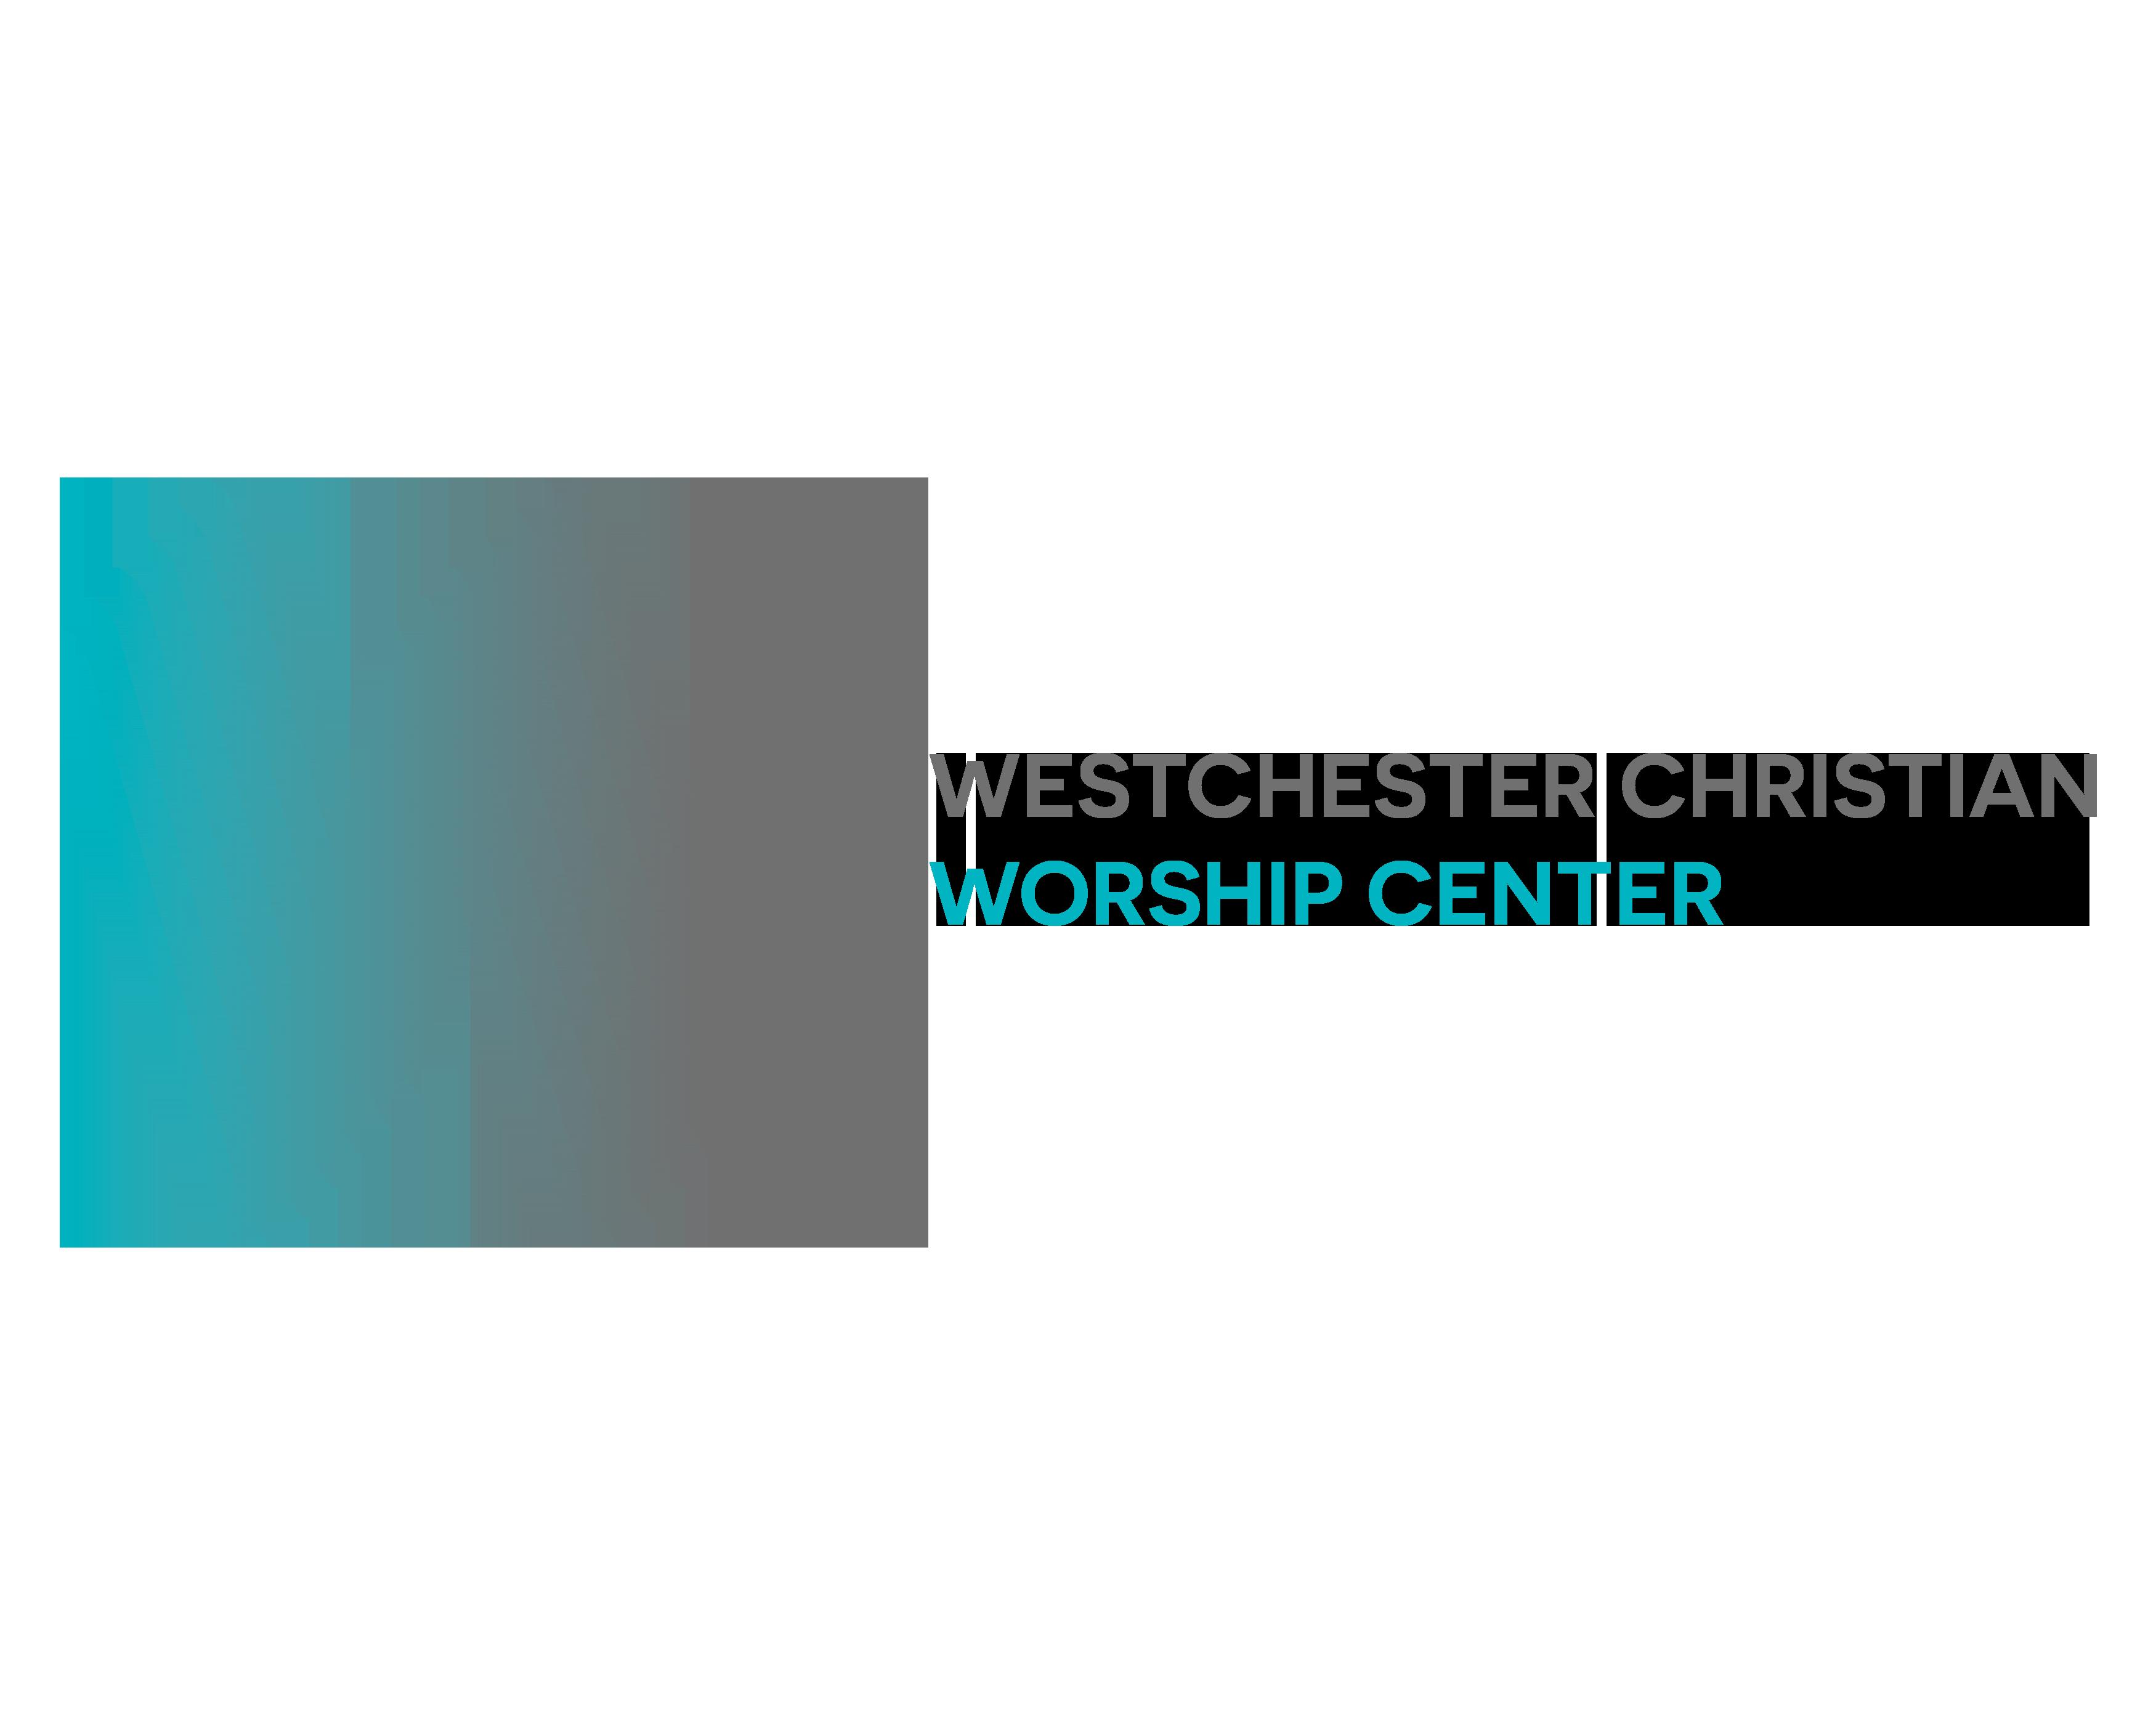 Westchester Chrisitian Worship Center